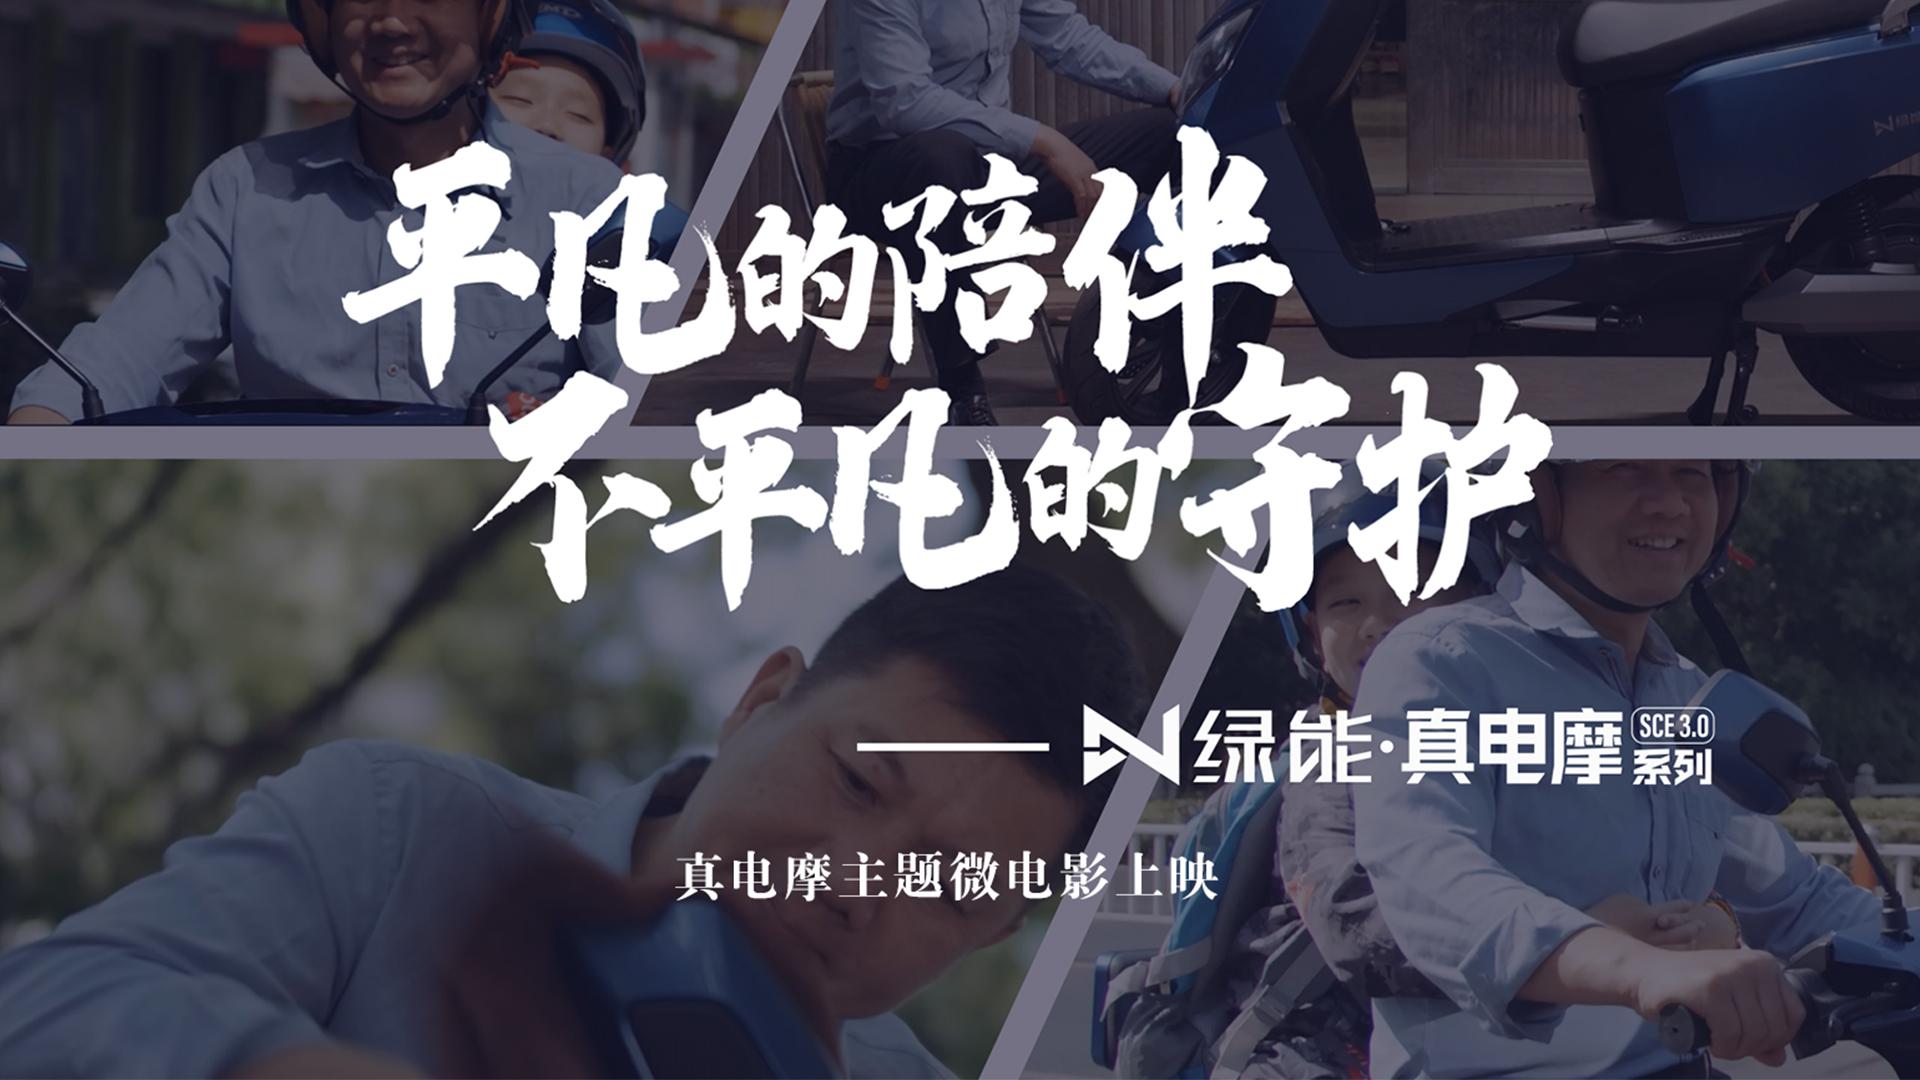 江蘇綠能電動車科技有限公司